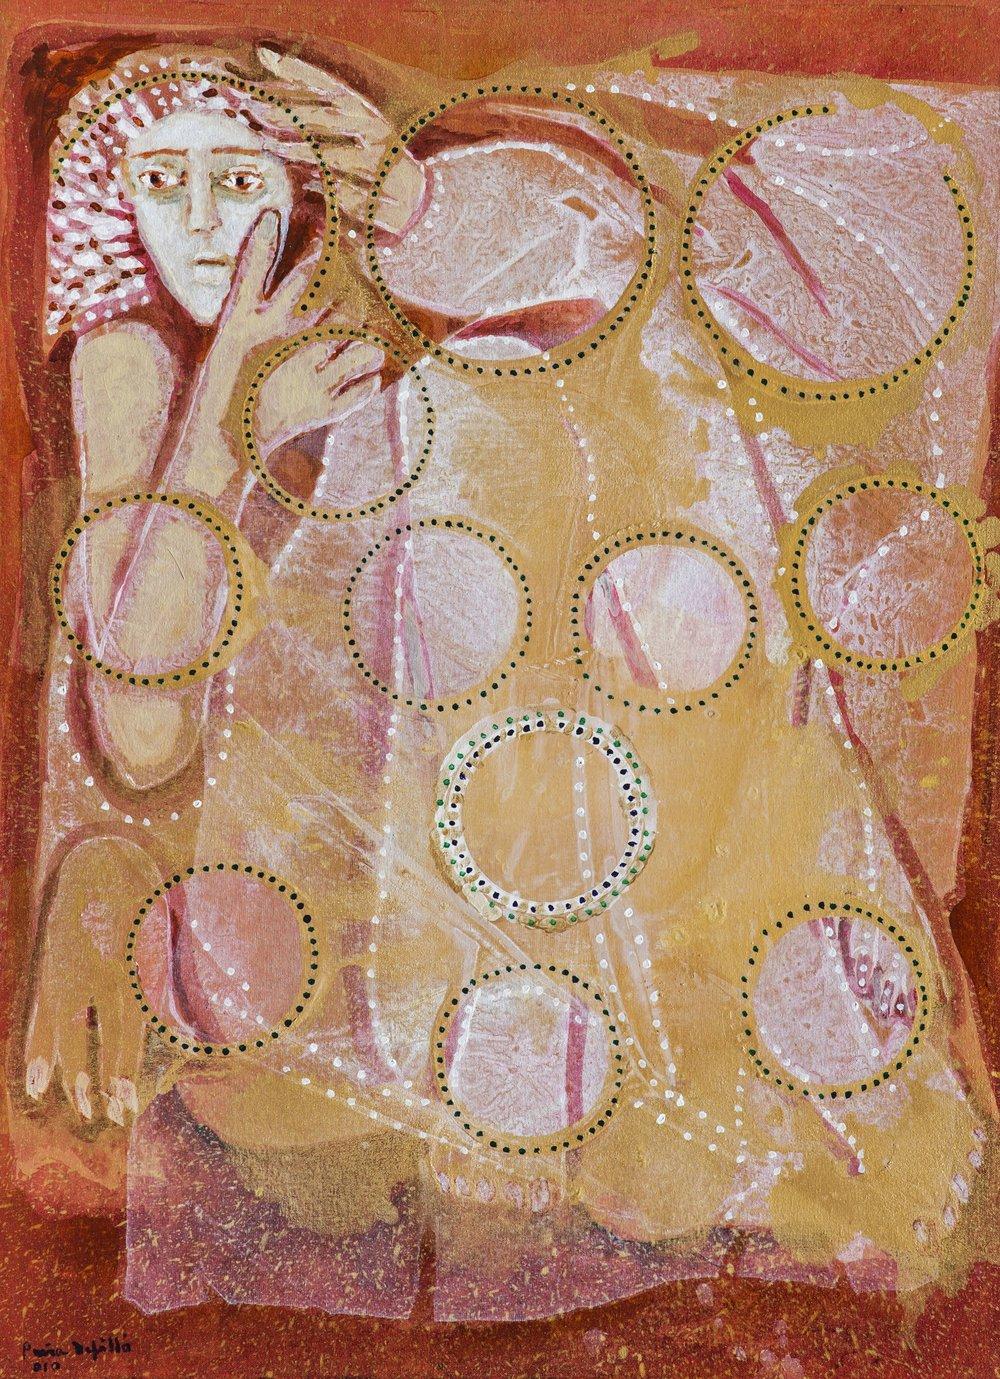 Virgen sidere (2010). Fernando Peña Defilló